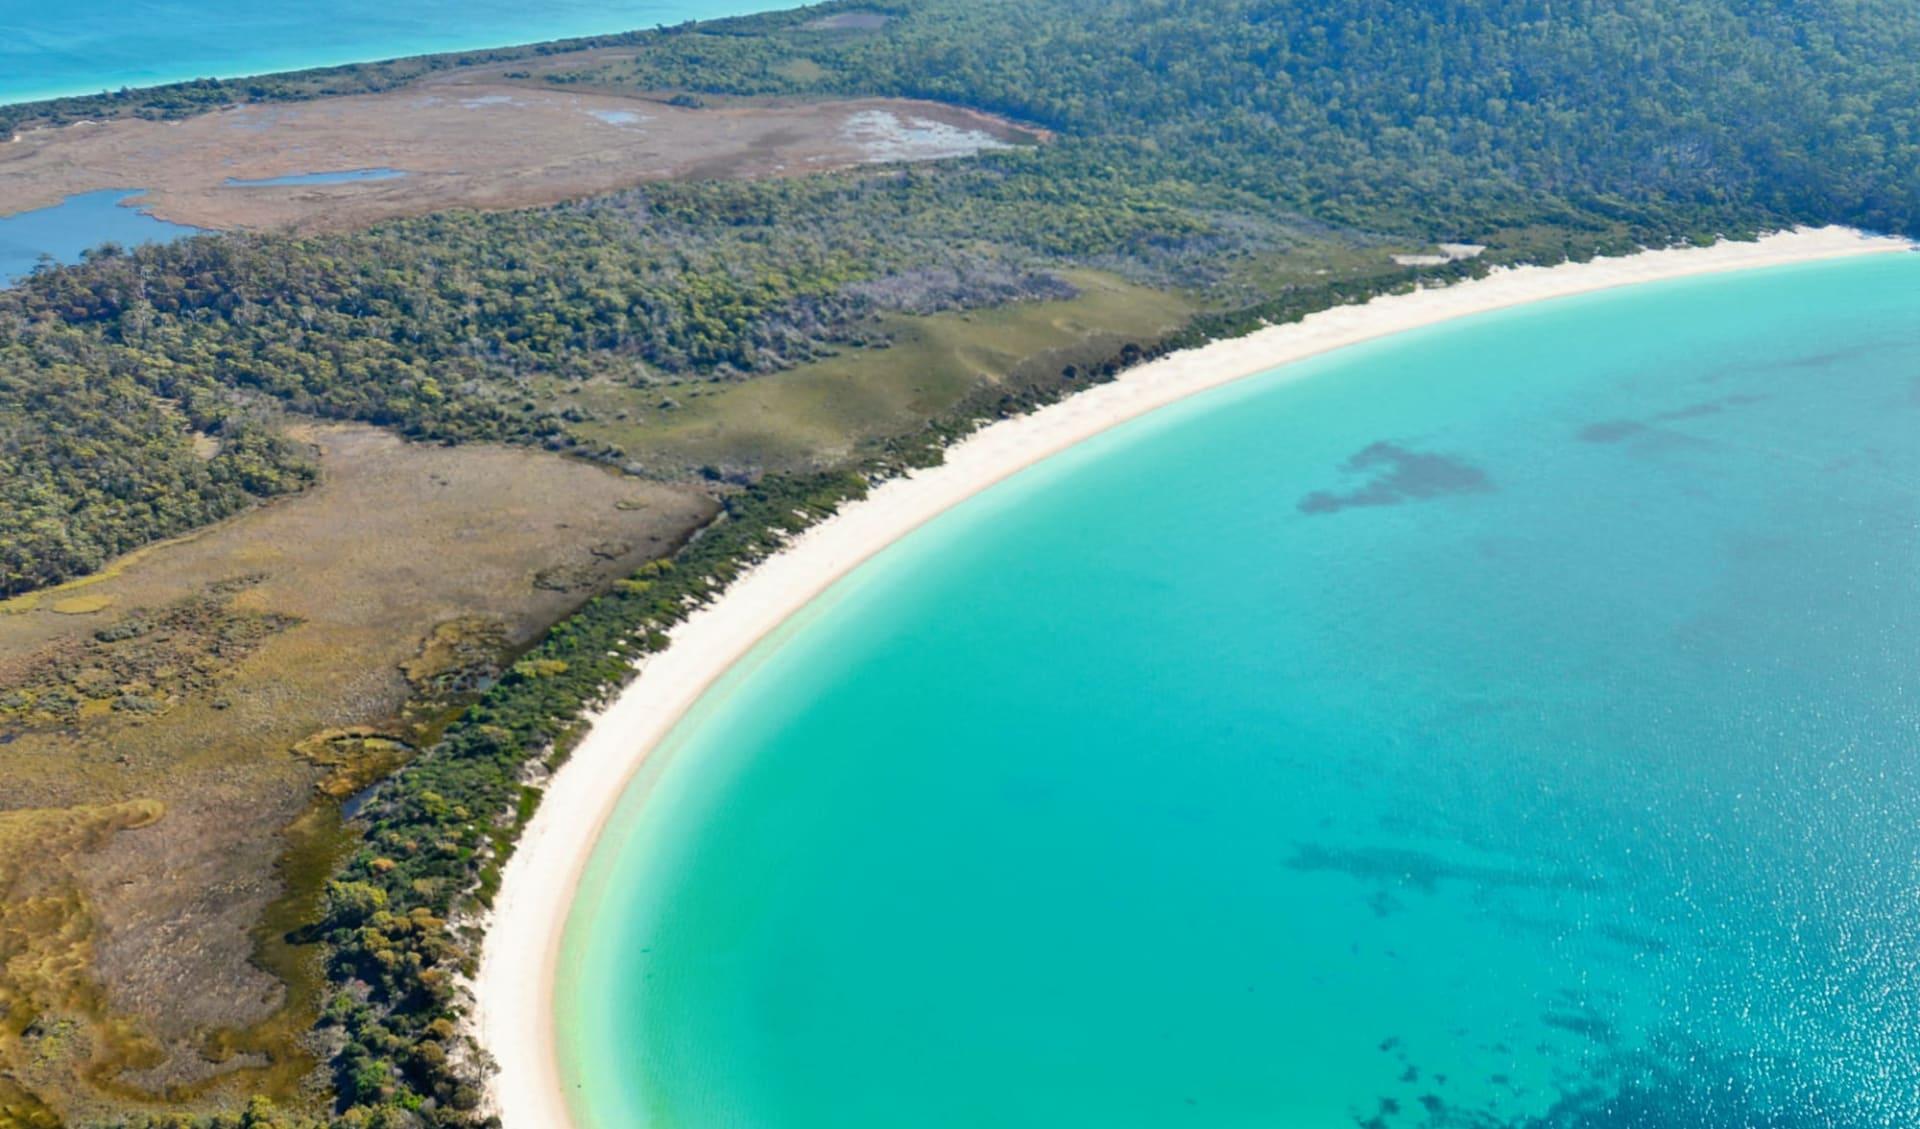 Tasmanien für Geniesser 5 Tage ab Launceston: Australia - Tasmania - Freycinet NP - Wineglass Bay - Nahsicht